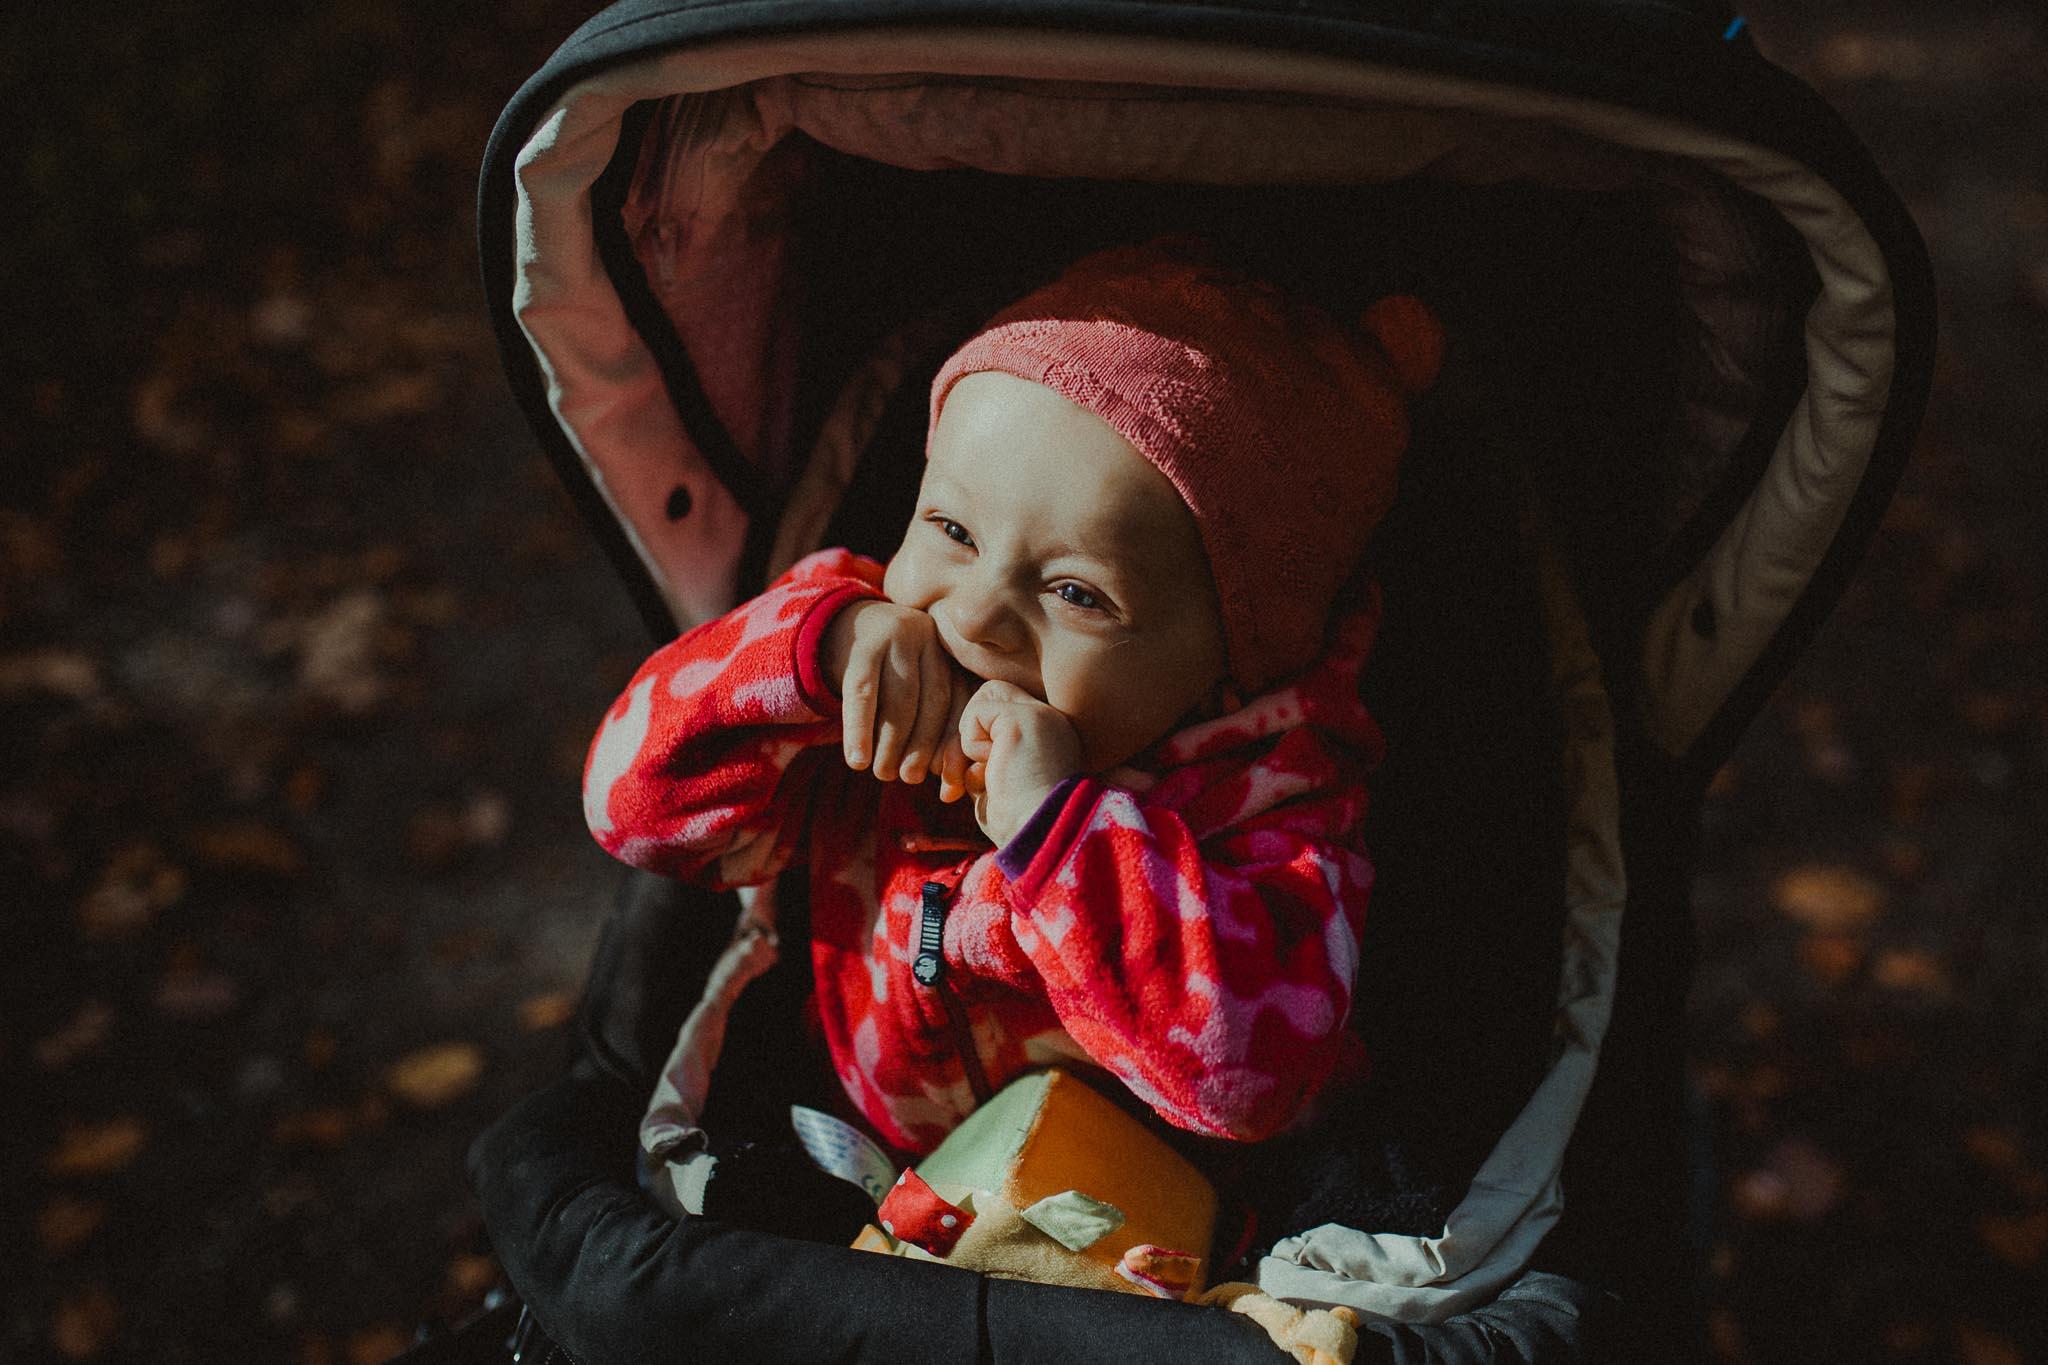 grinsendes kleines Mädchen im Kinderwagen im Wald